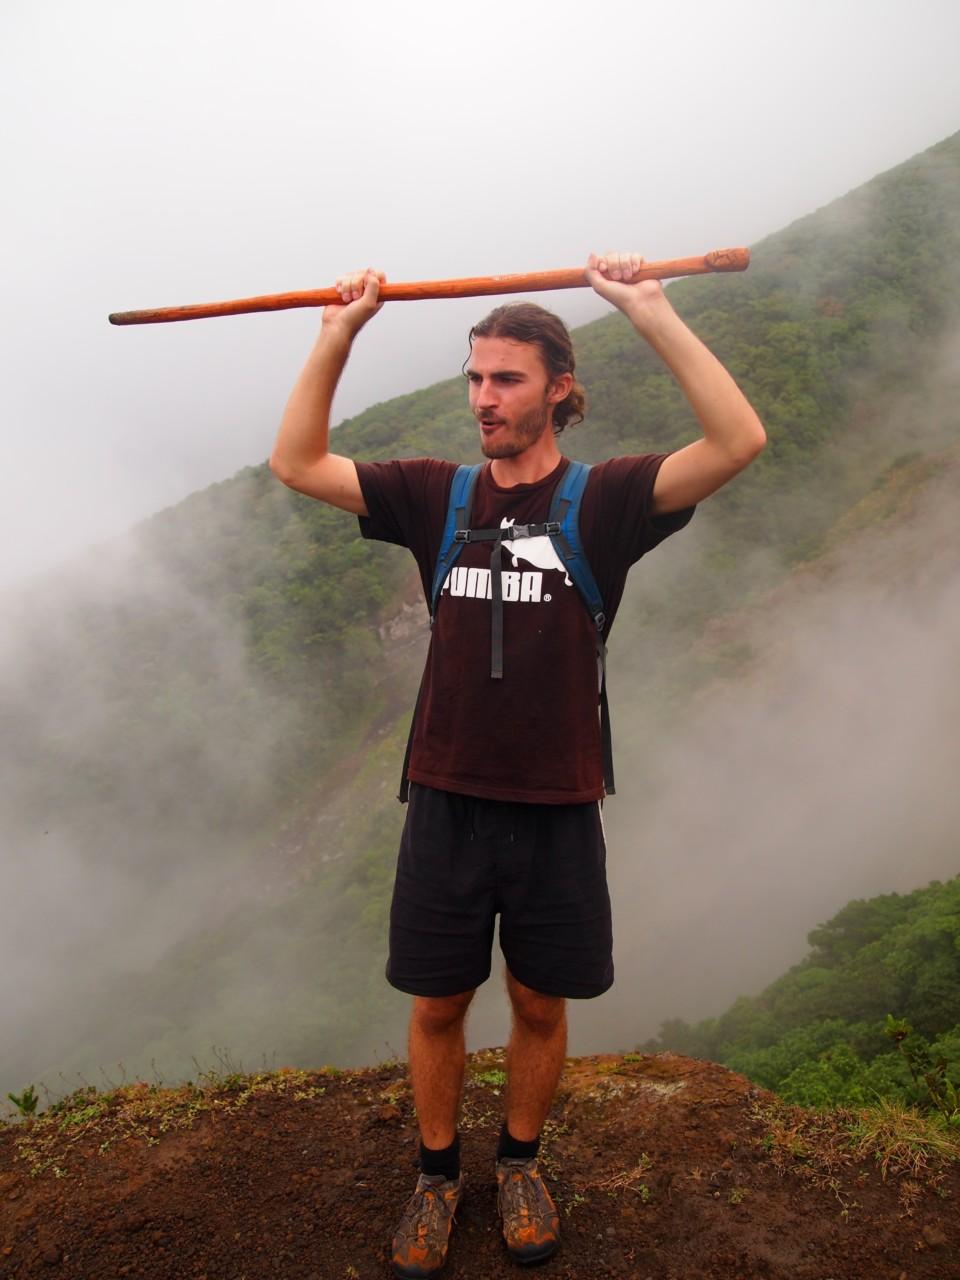 Die erste Etappe beim Erklimen des Vulkans ist geschafft.